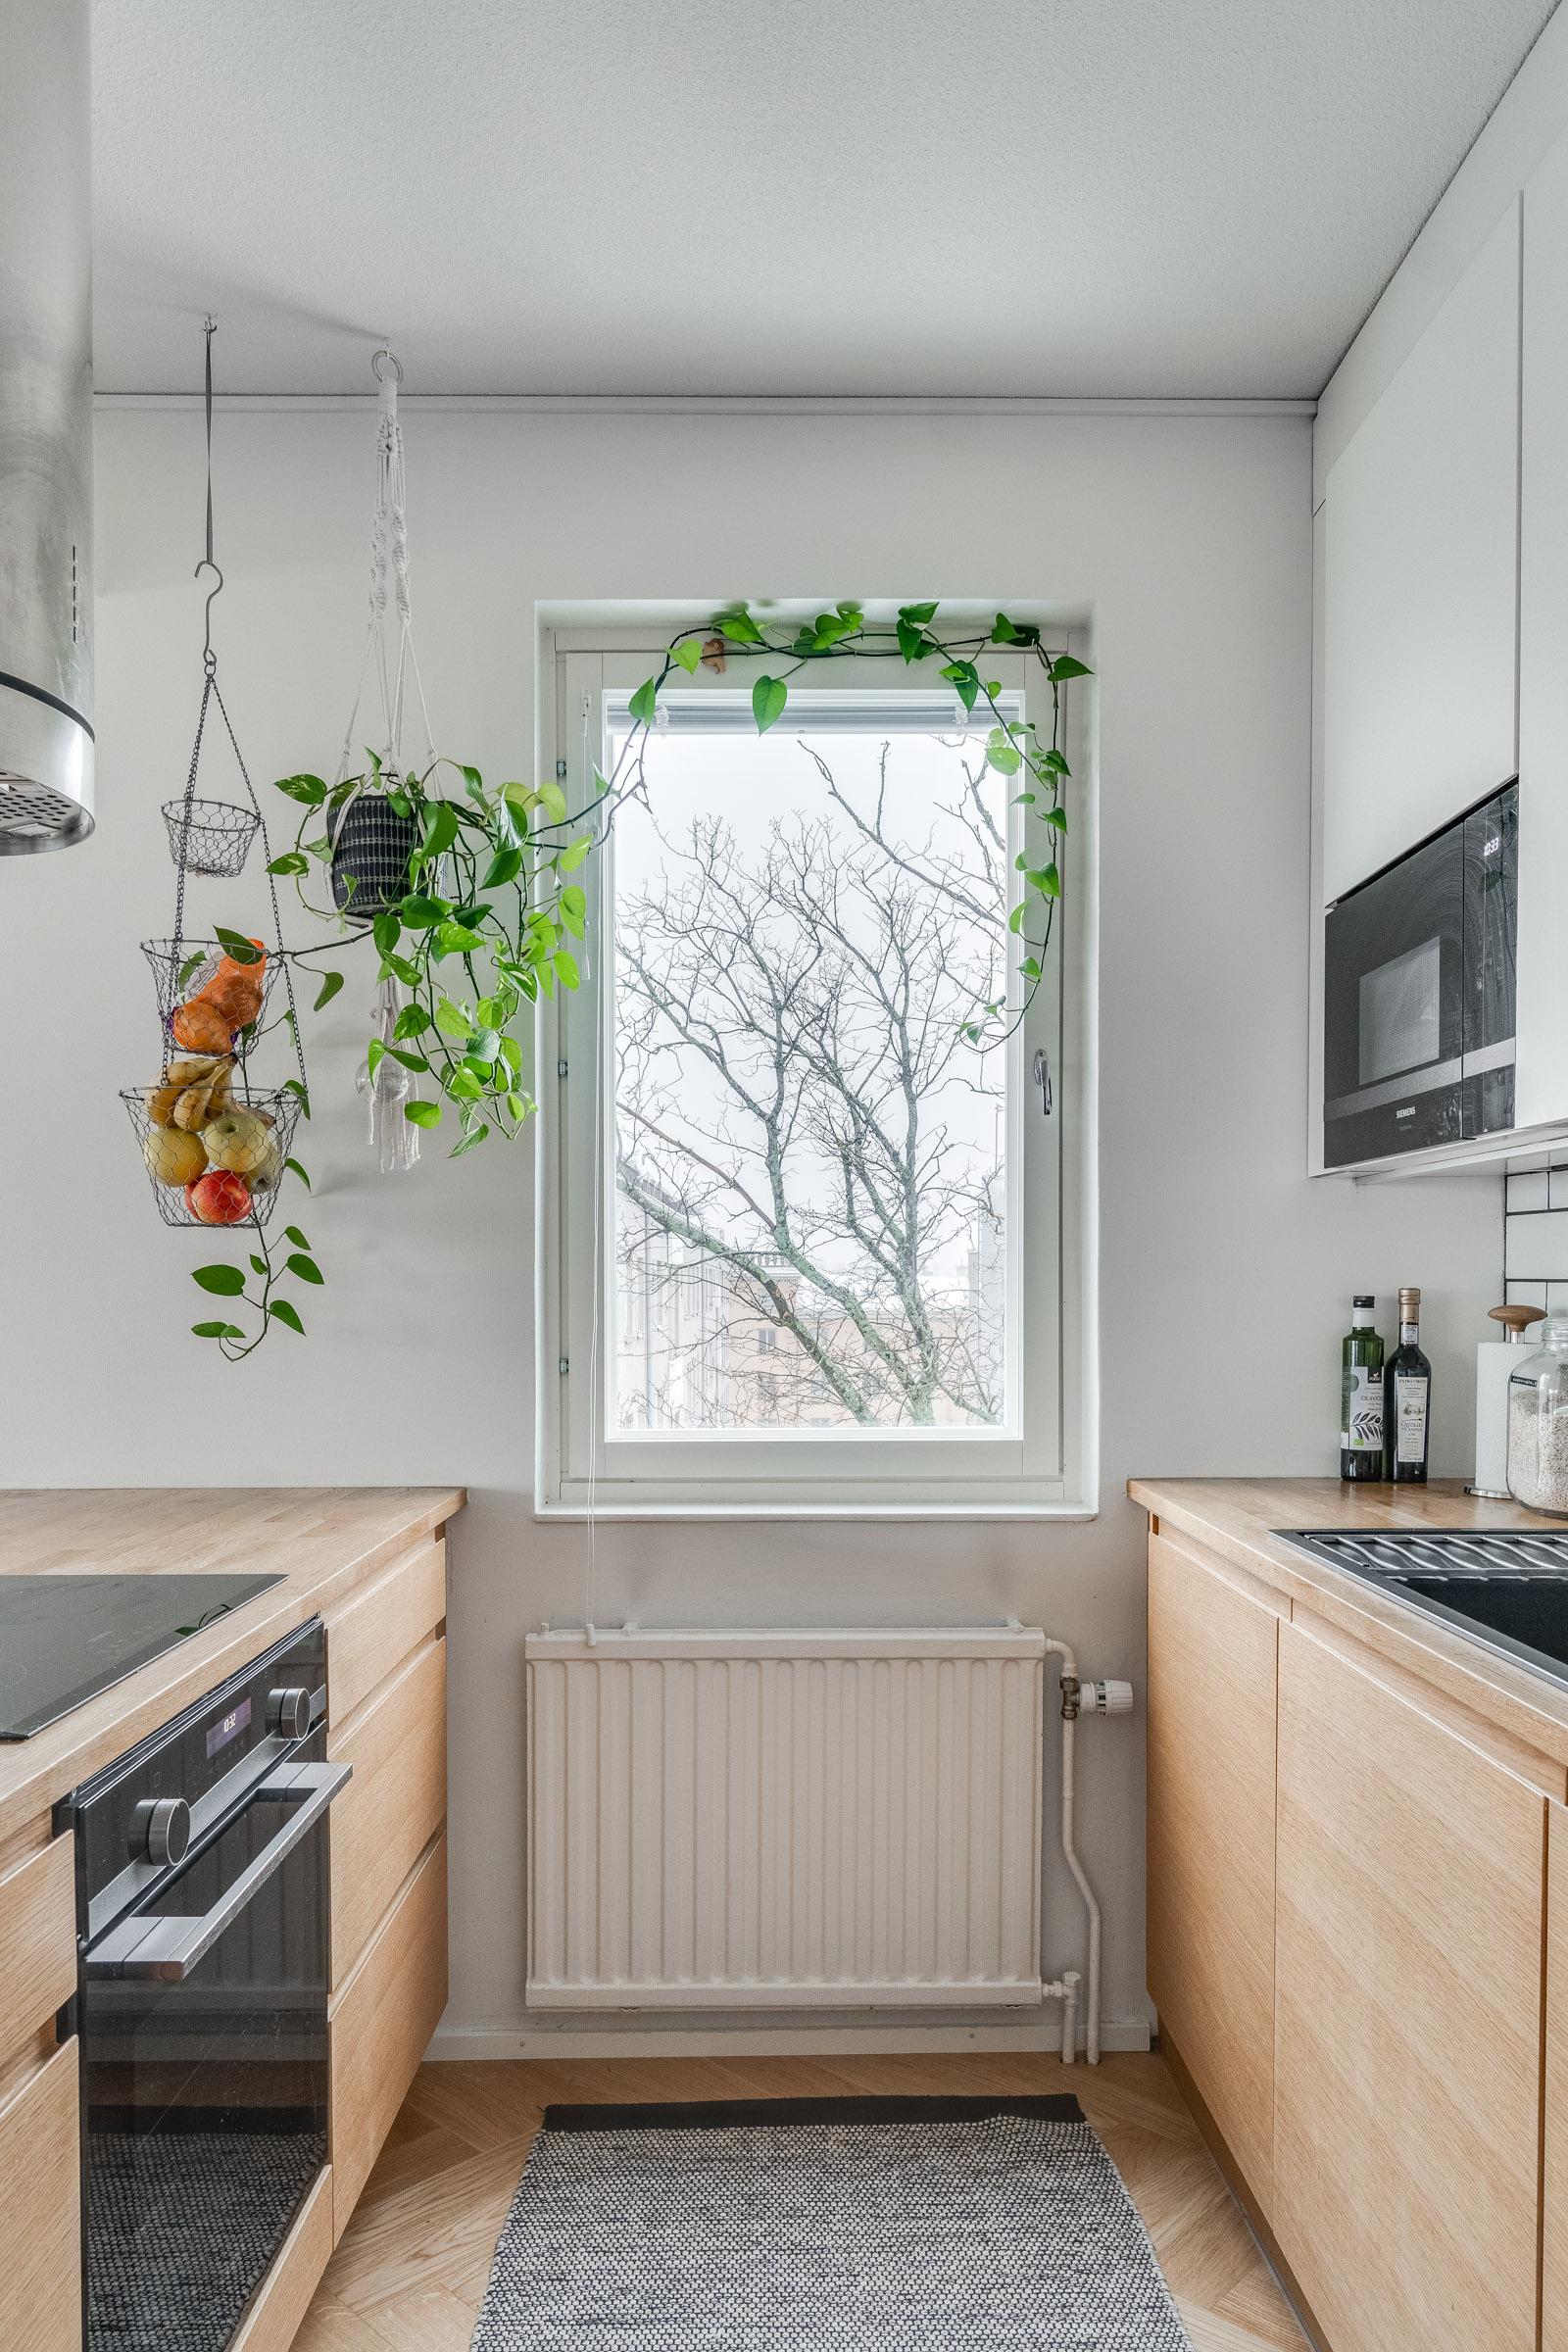 Sirkkalankatu 25 b, 20700 Turku: 2